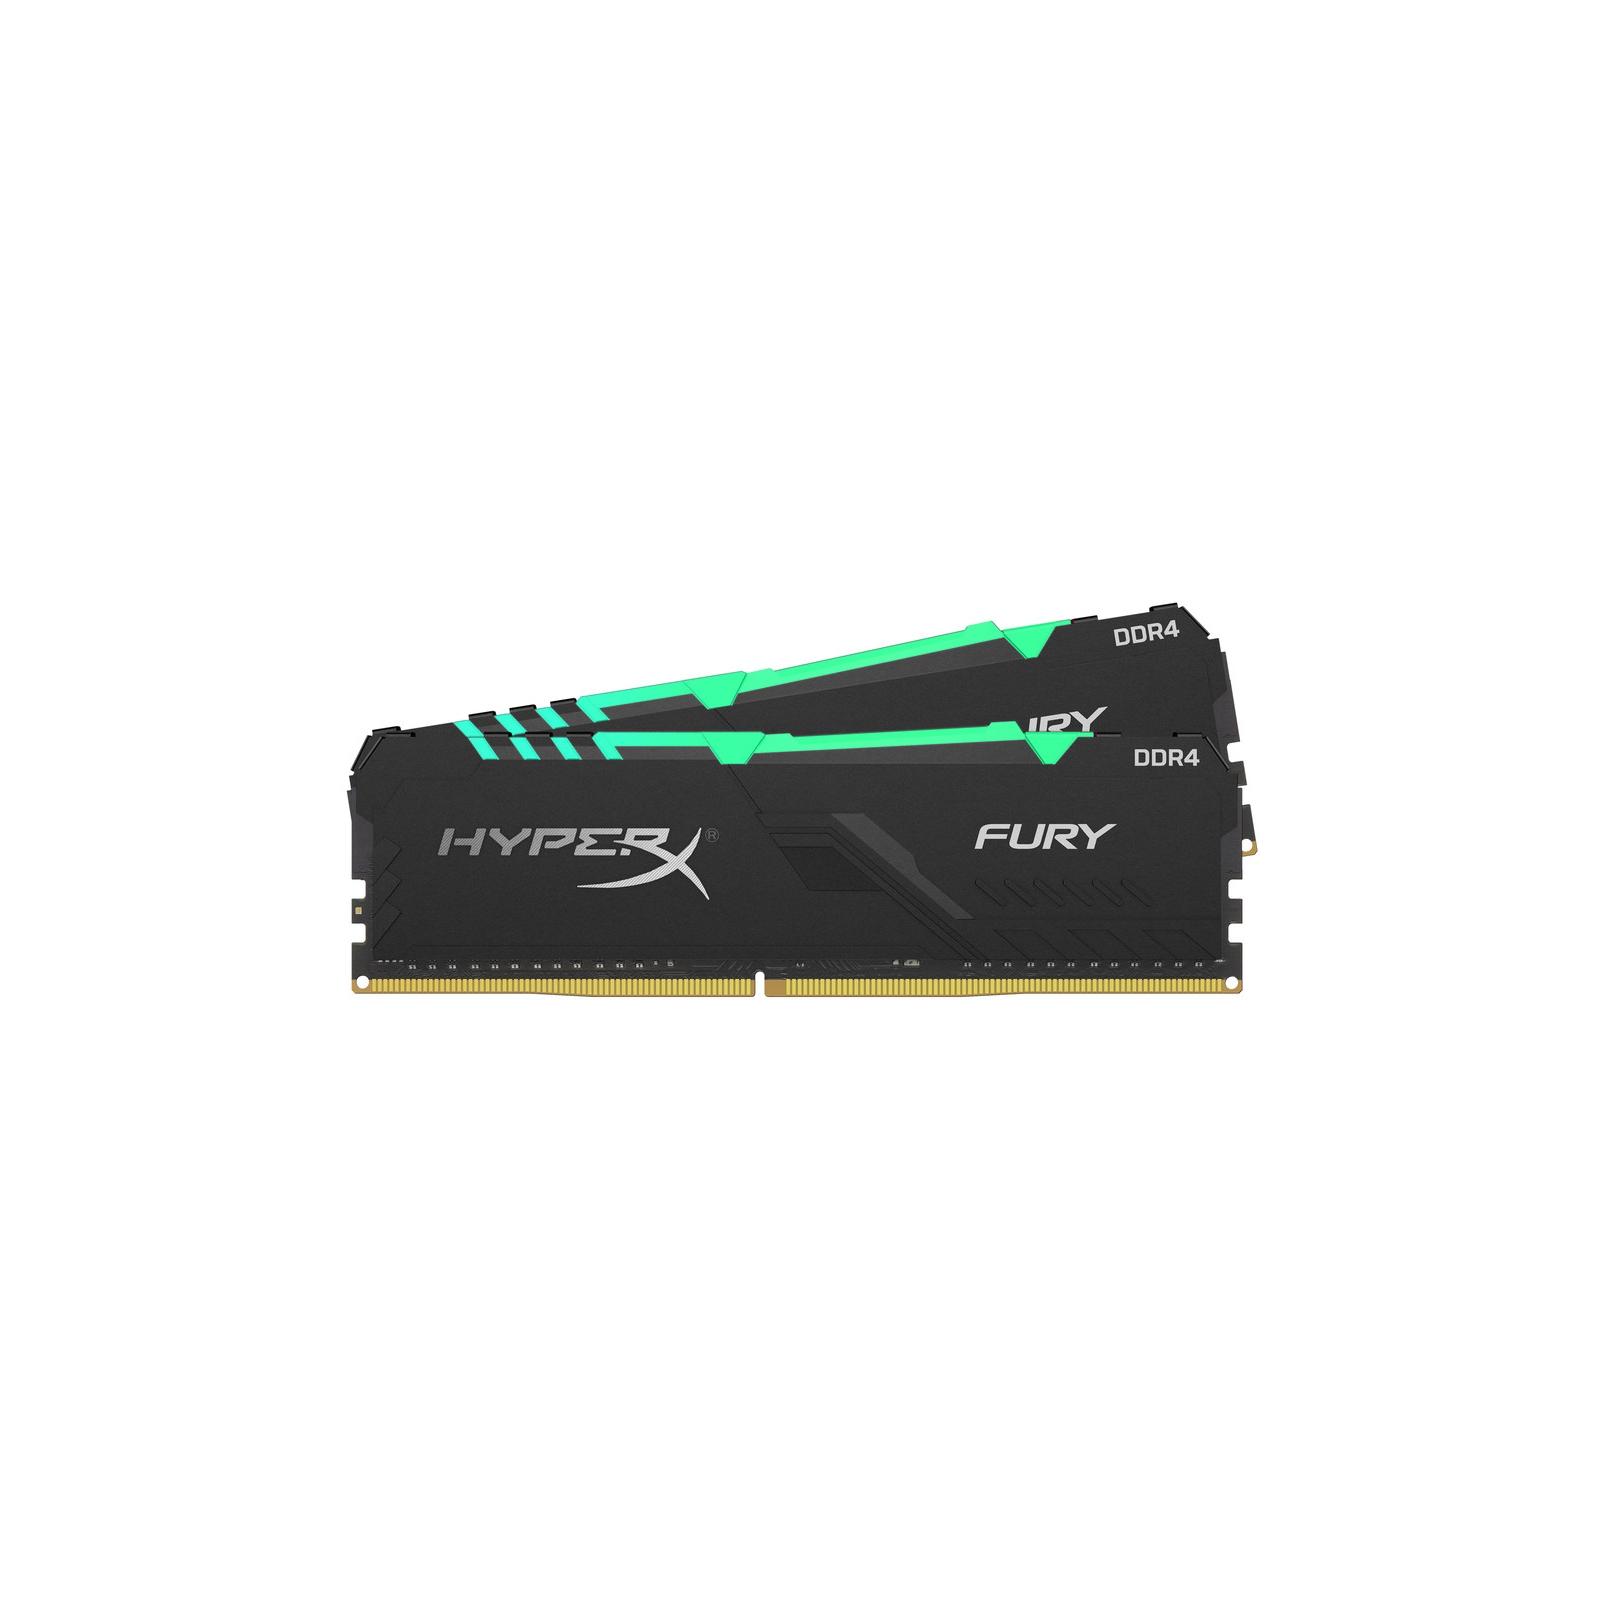 Модуль памяти для компьютера DDR4 32GB (2x16GB) 3000 MHz HyperX FURY RGB HyperX (Kingston Fury) (HX430C15FB3AK2/32) изображение 2